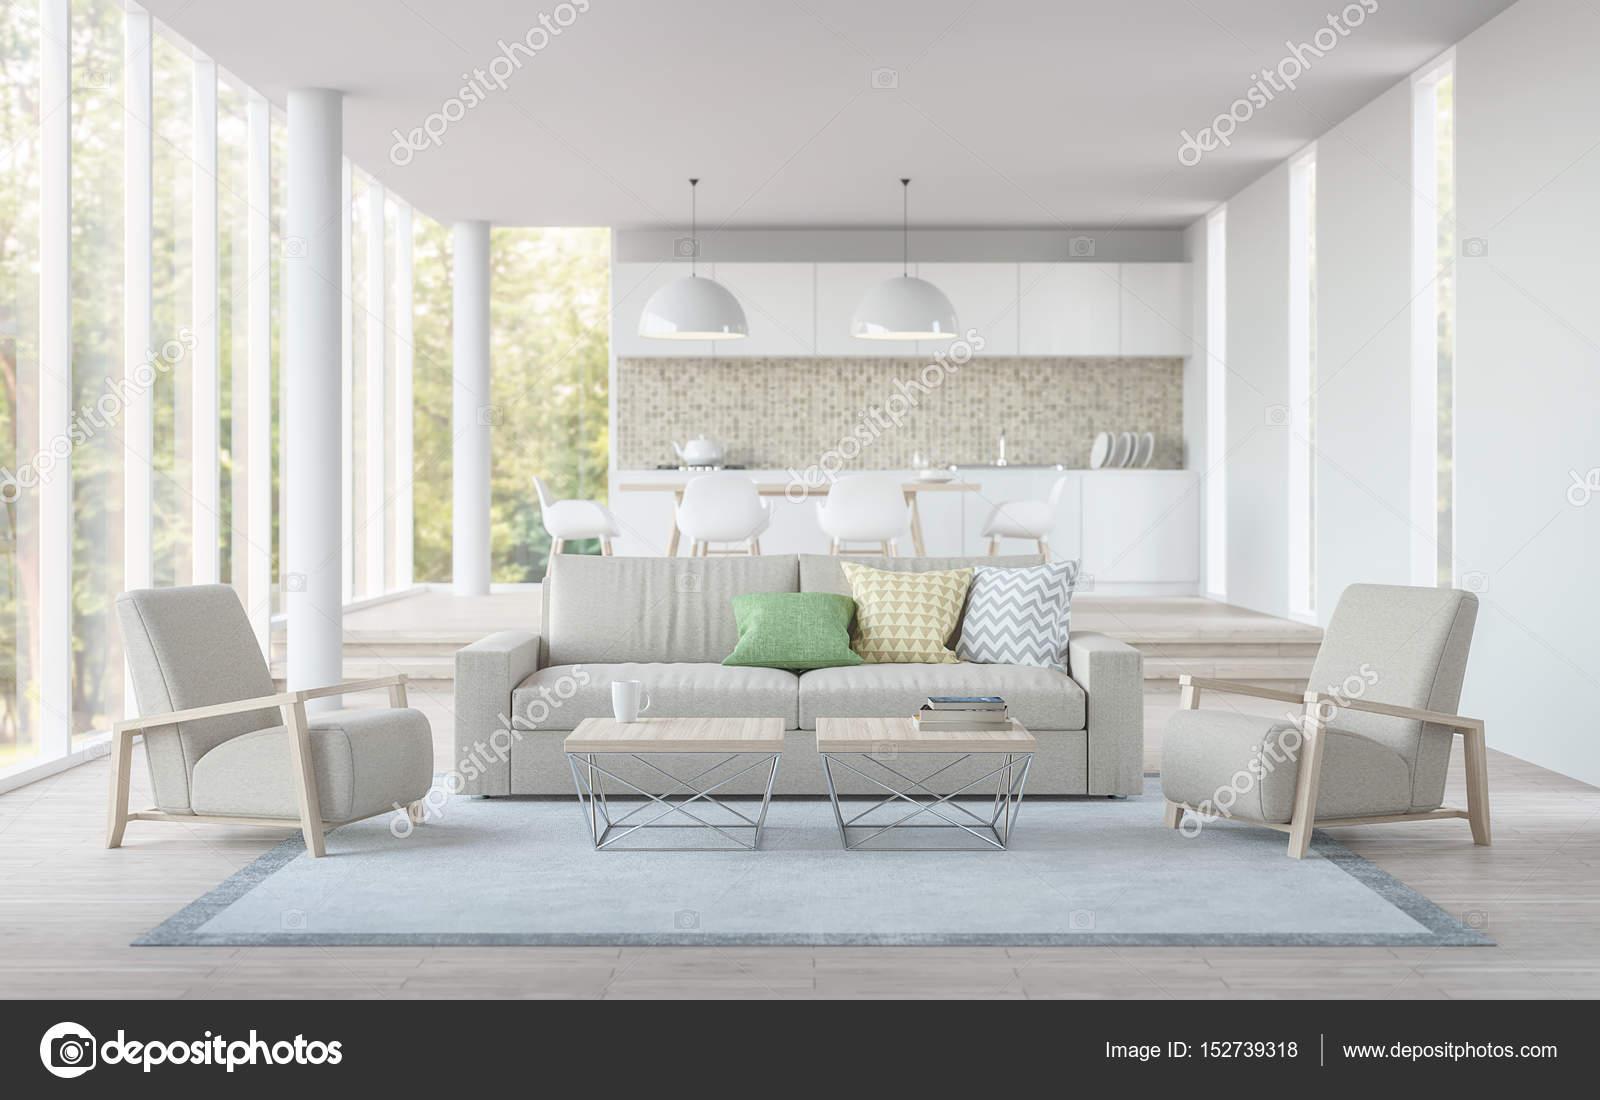 Moderne Wohn , Esszimmer Und Küche 3d Rendering Schwarzweißbild U2014 Stockfoto